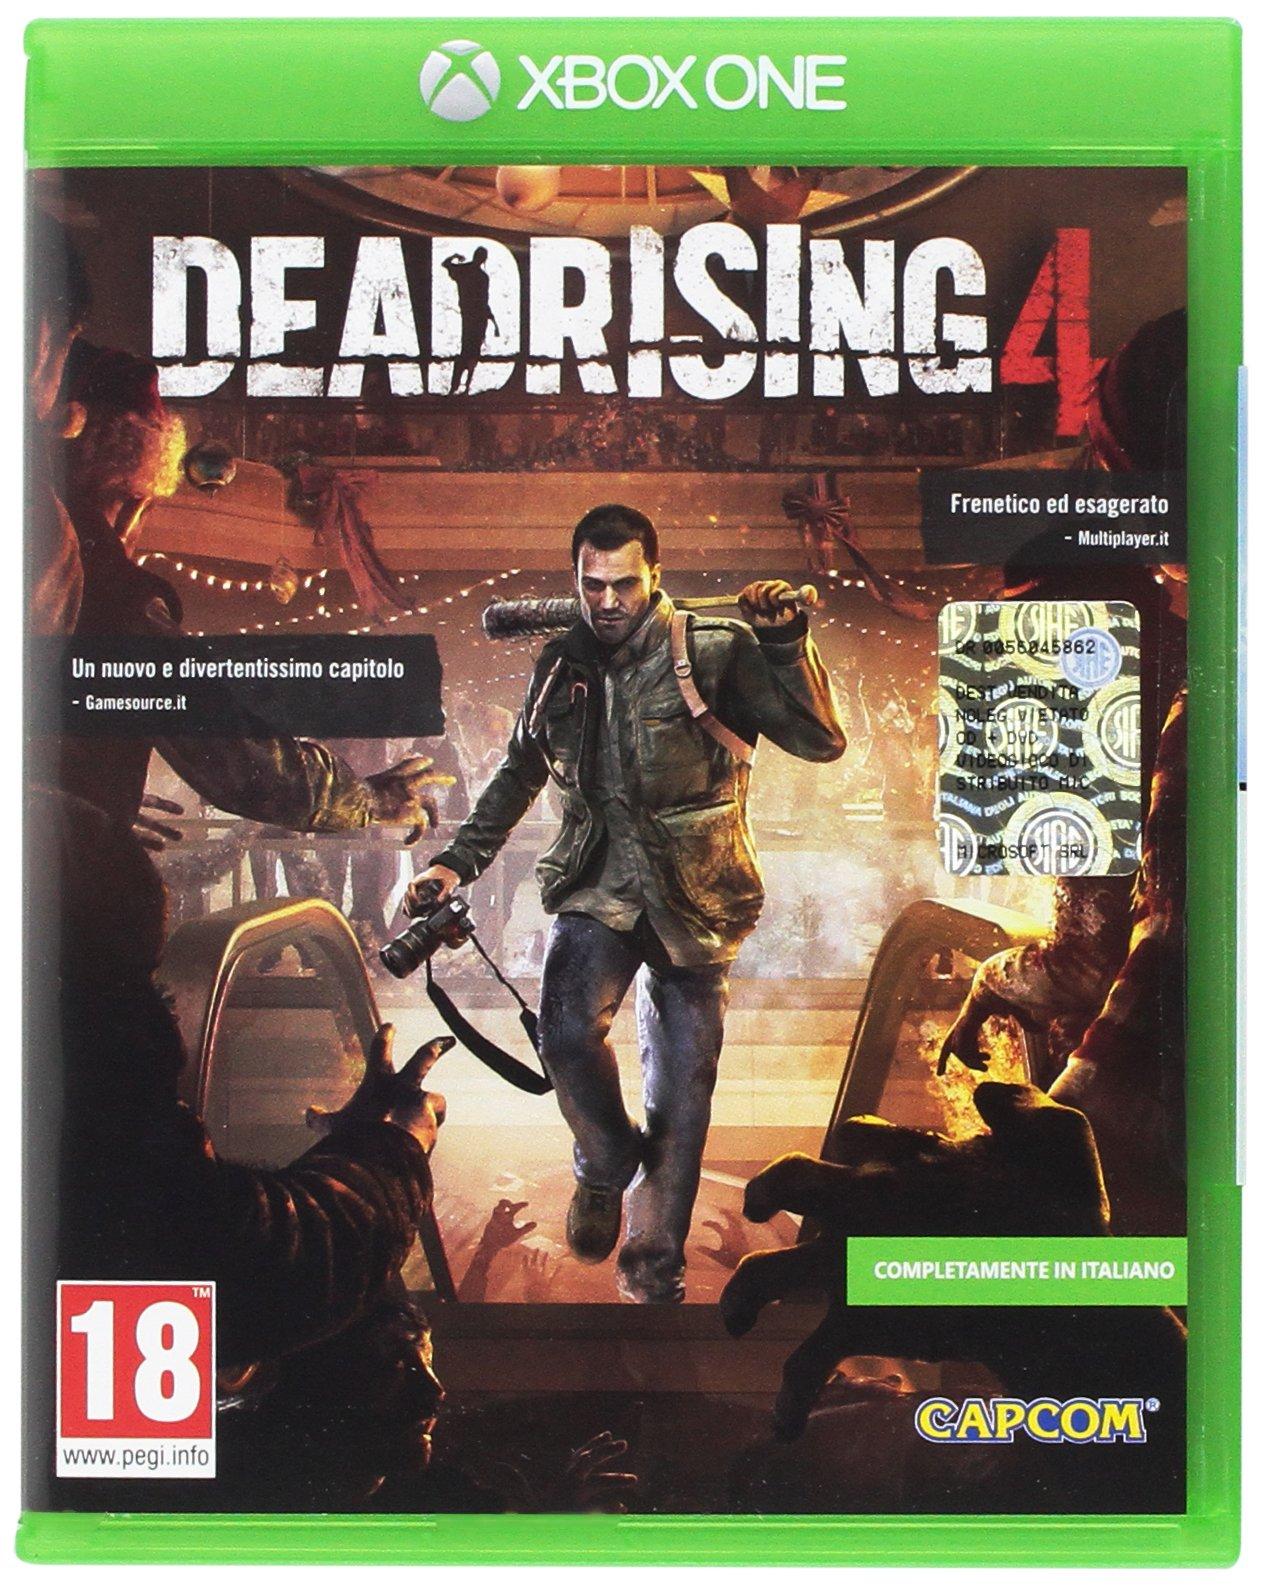 Microsoft Dead Rising 4, Xbox One Básico Xbox One Inglés vídeo - Juego (Xbox One, Xbox One, Acción, Modo multijugador, M (Maduro)): Amazon.es: Videojuegos